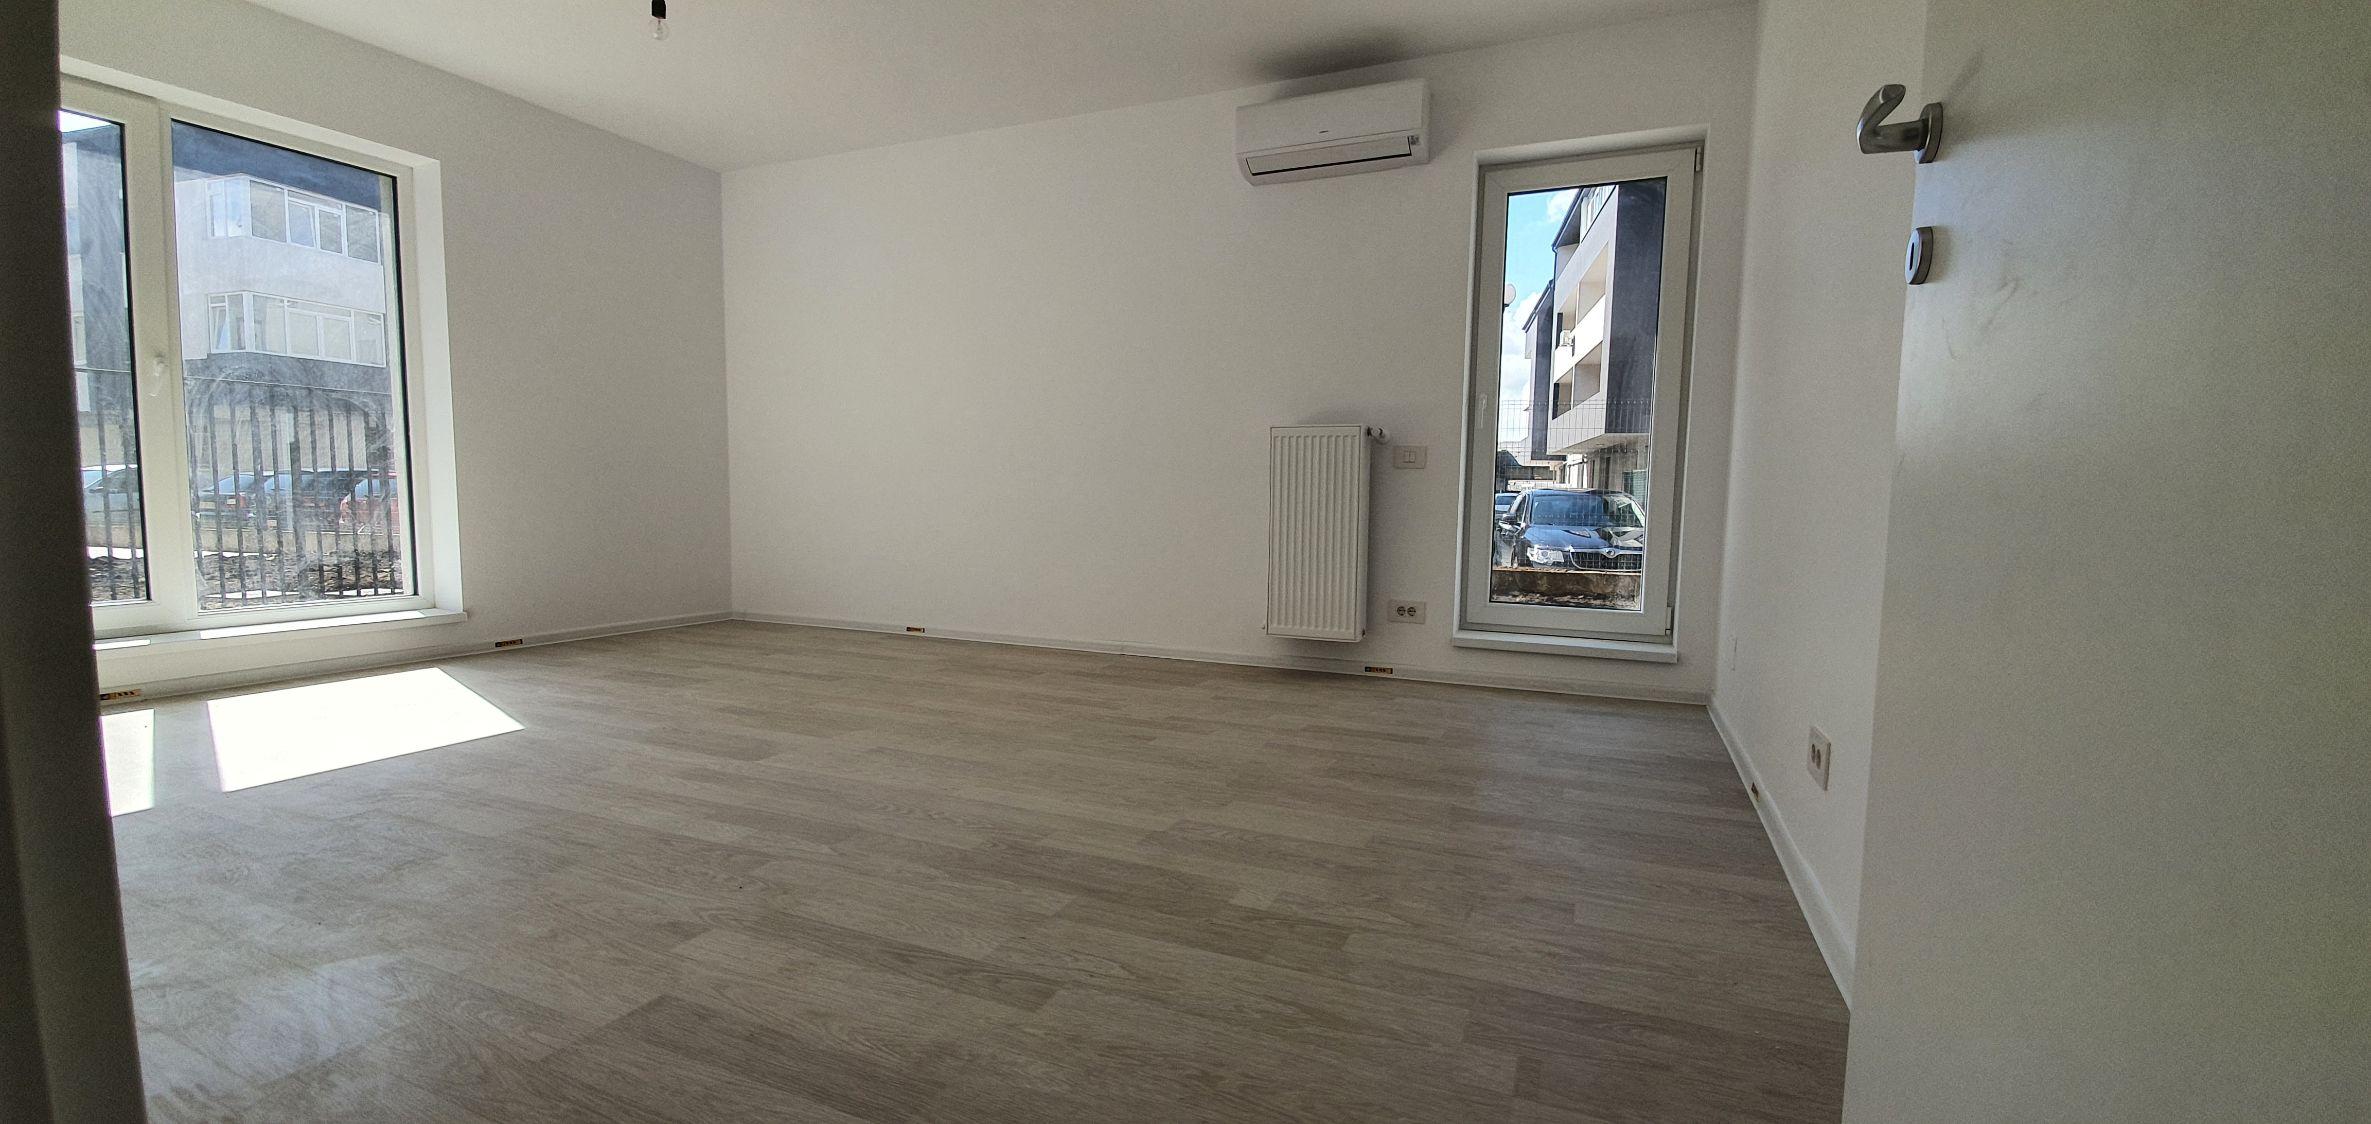 Bloc 1 - Parter - Apartament 02 - Living